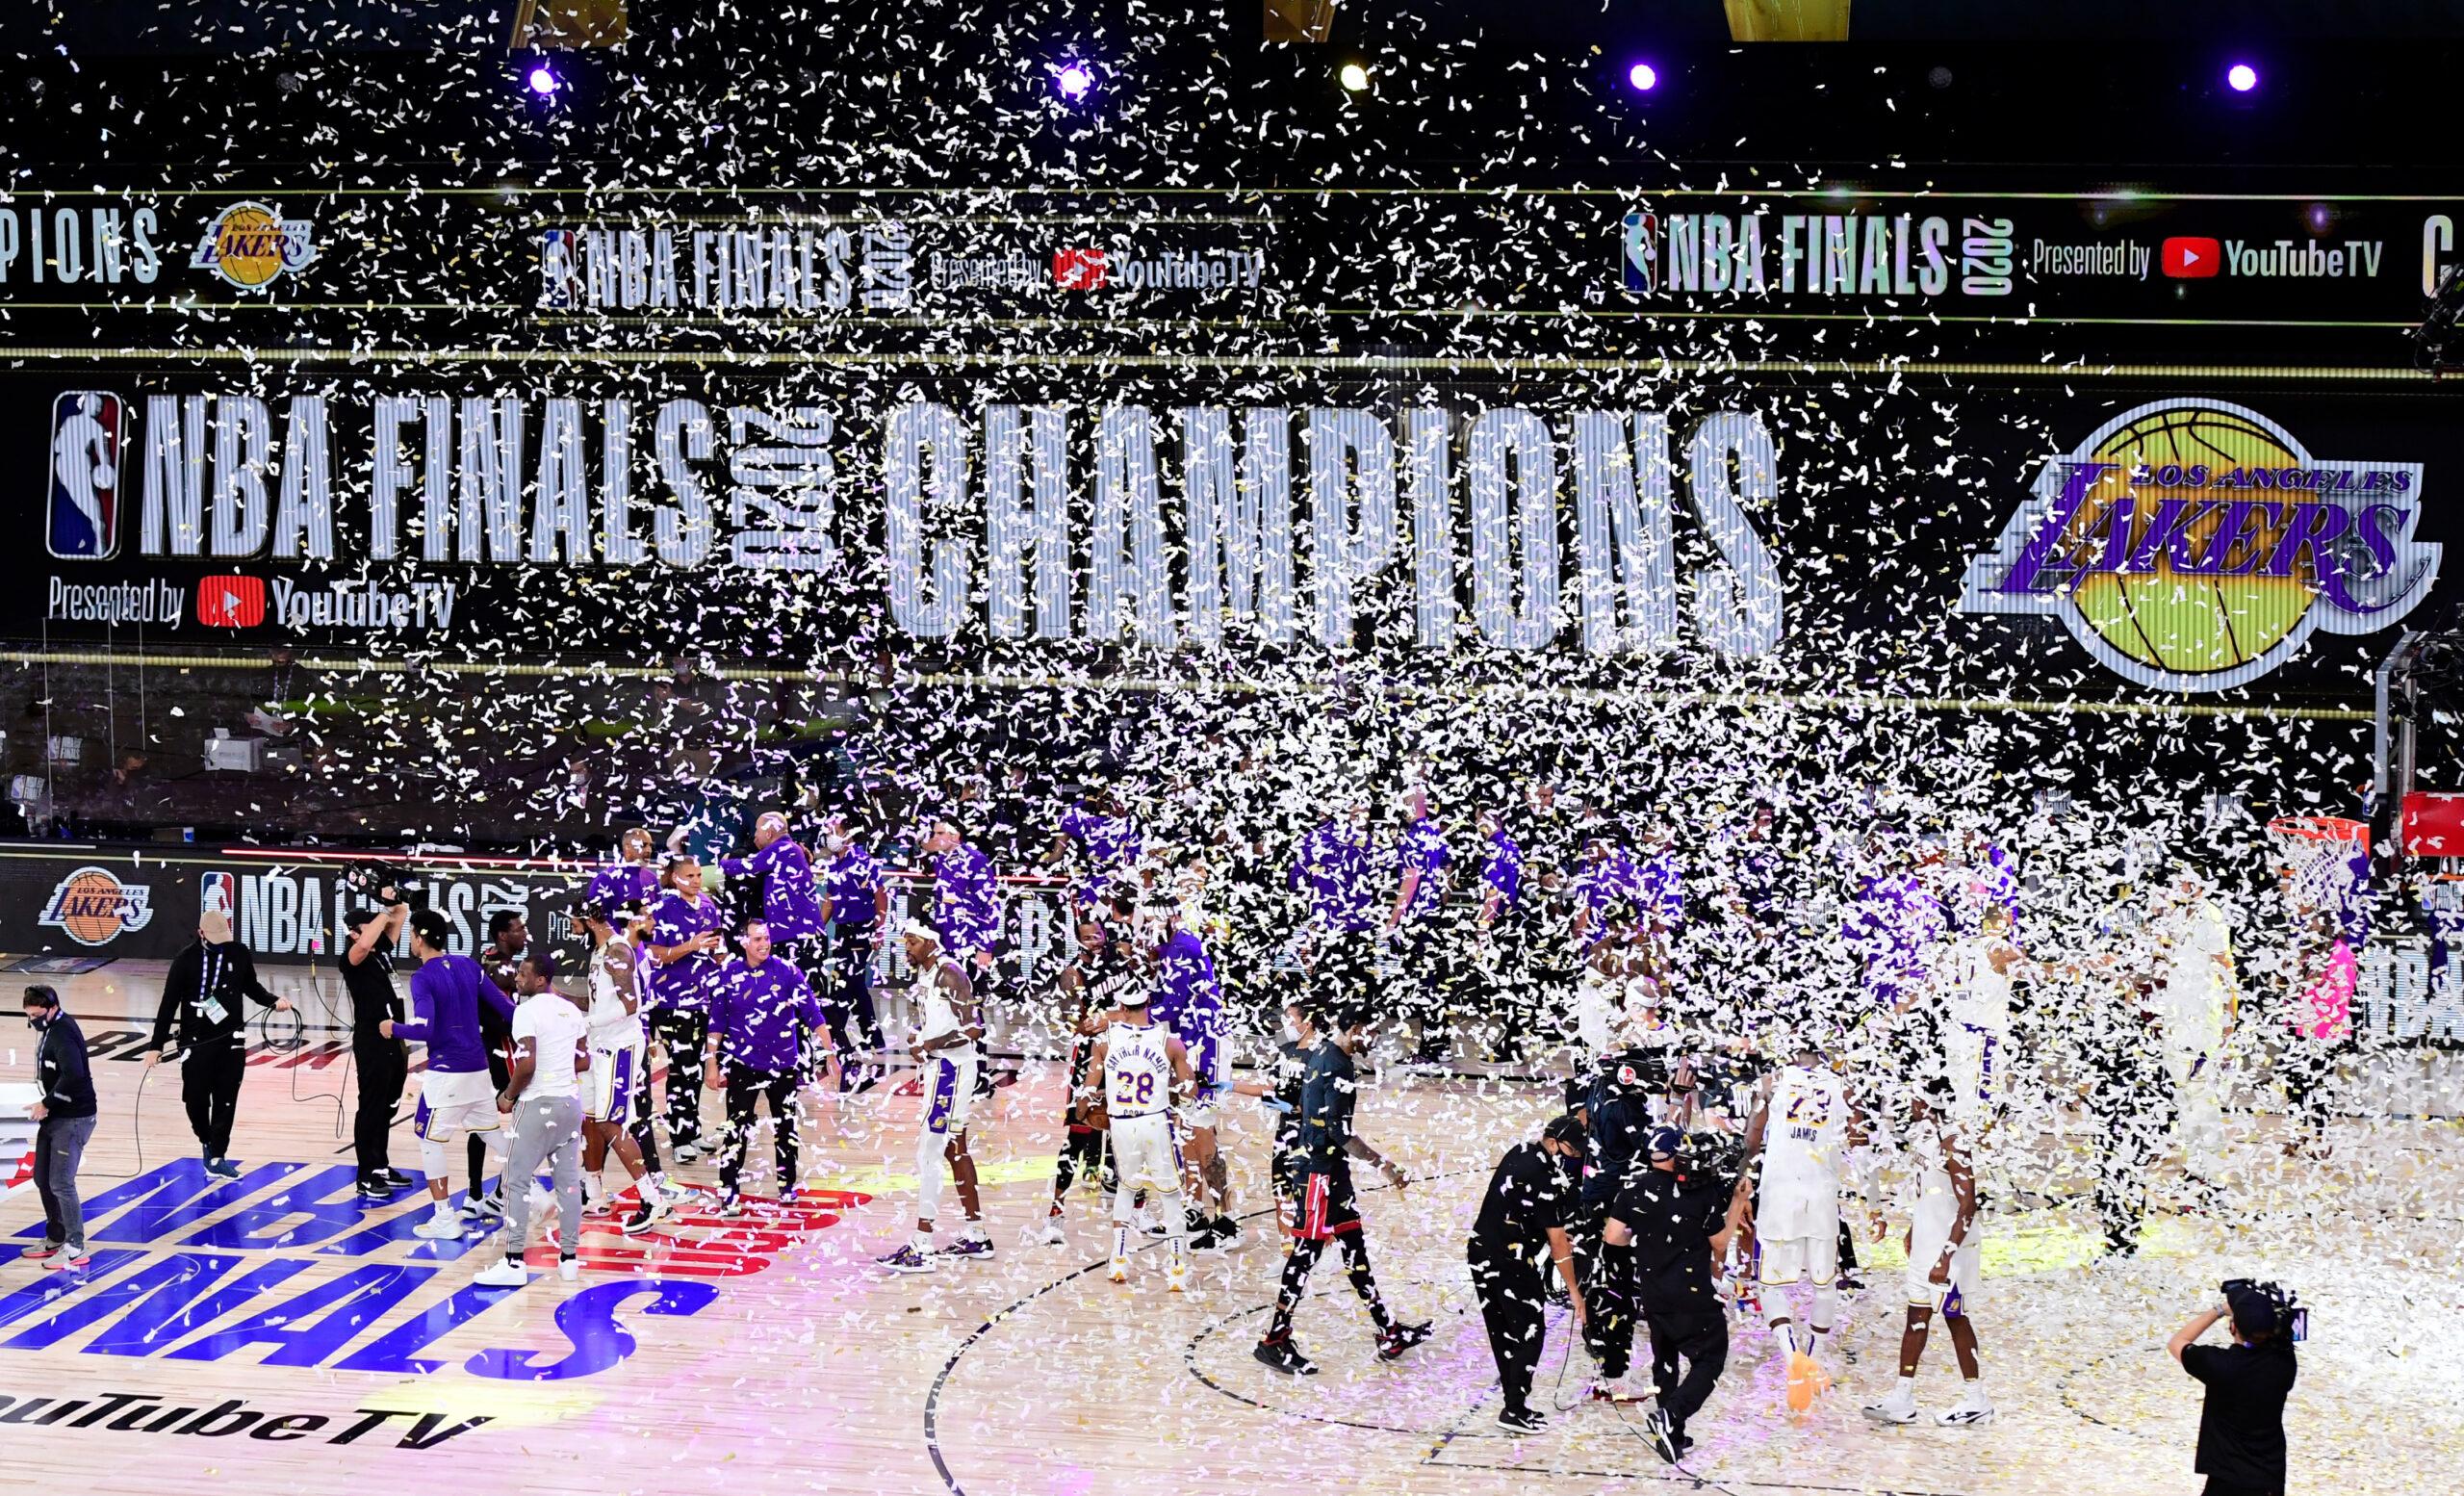 Full recap of the Laker's NBA Finals victory!